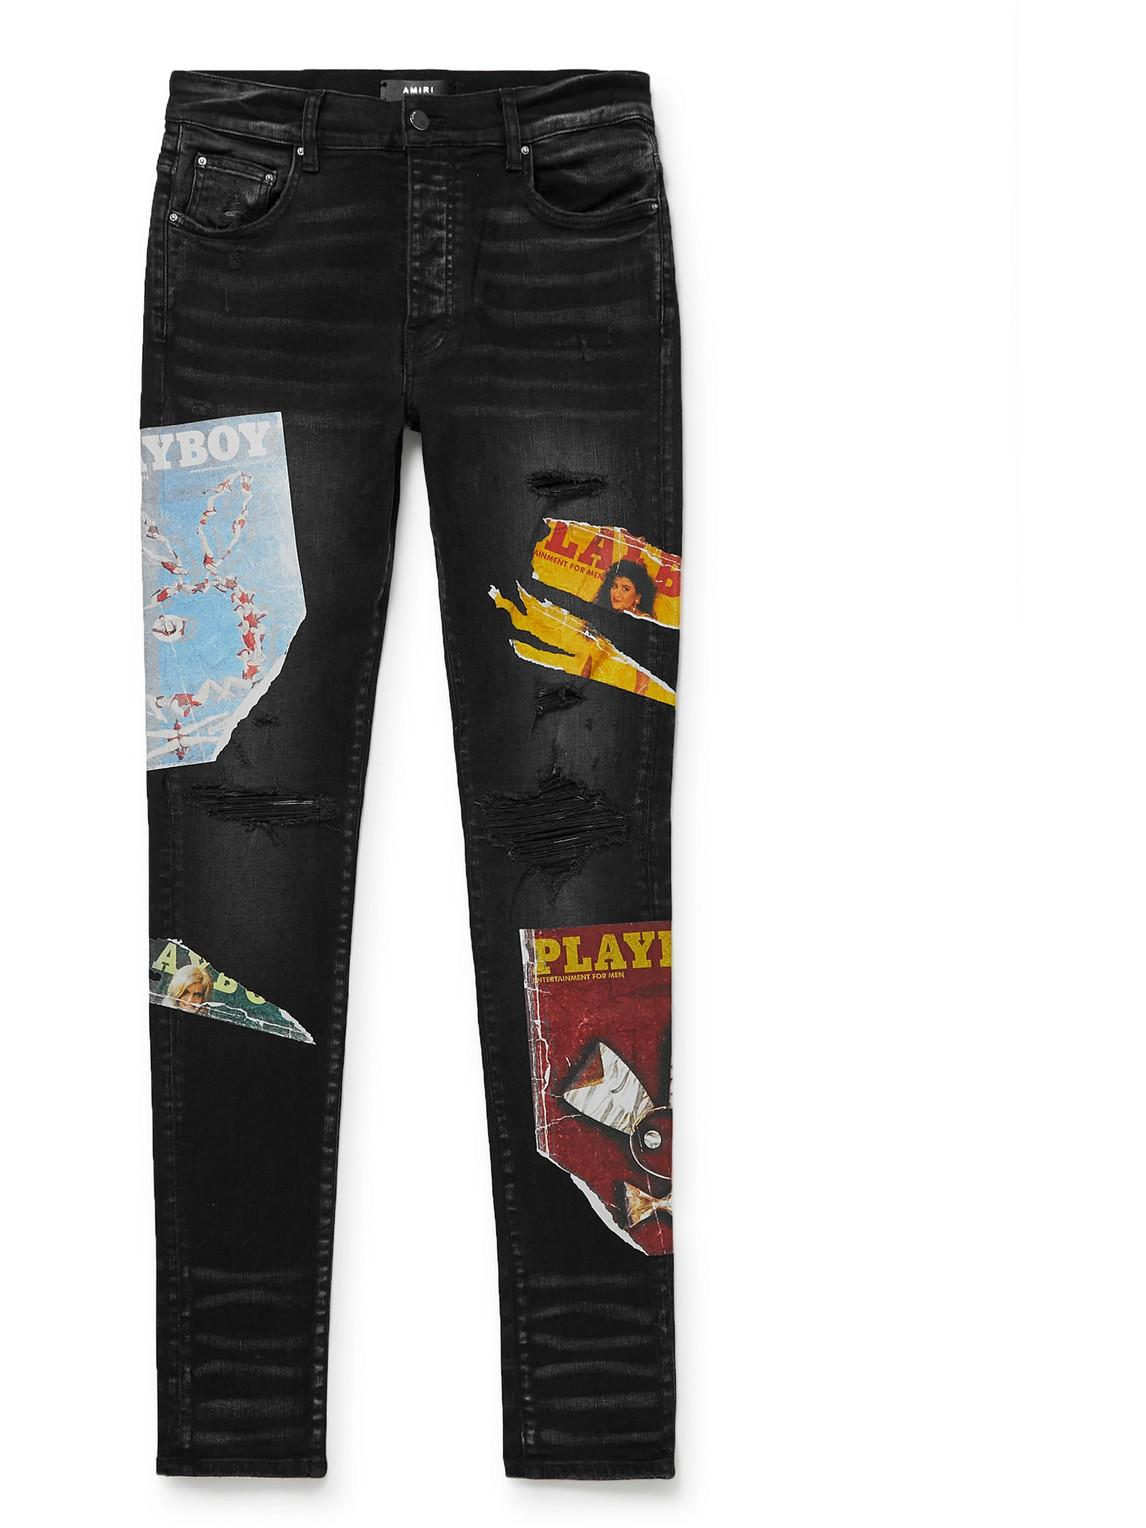 Skinny-Fit Distressed Printed Jeans